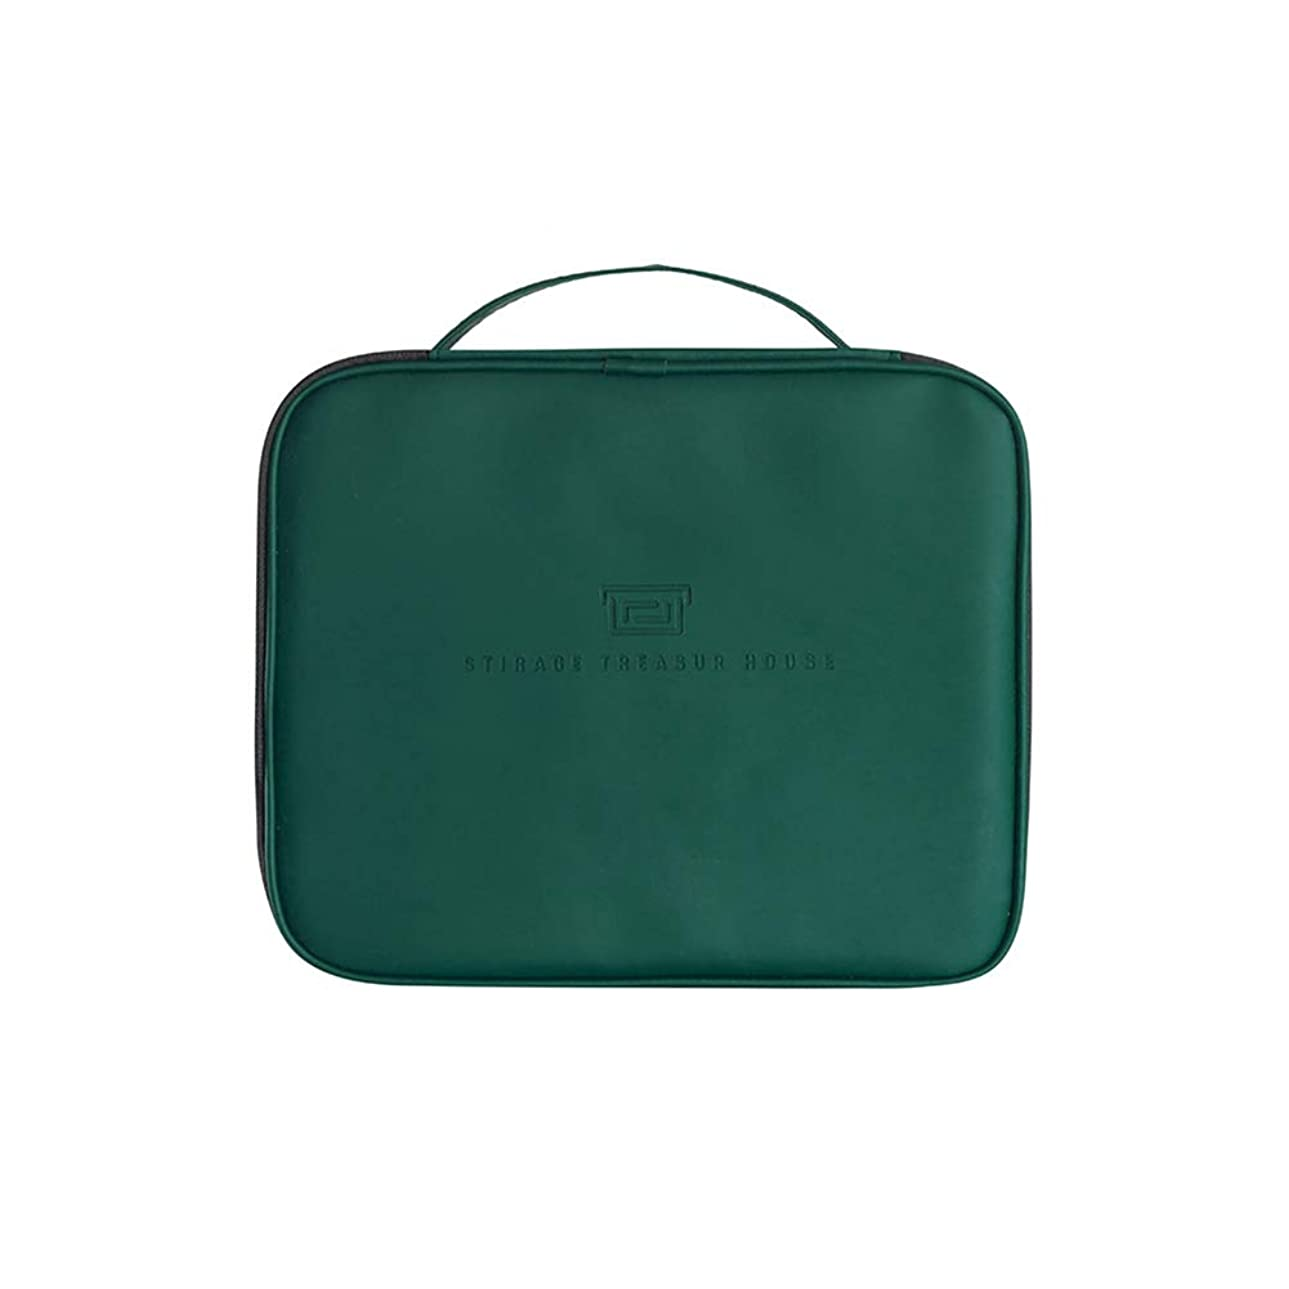 小競り合い離れてポータルHOYOFO メイクボックス 化粧ポーチ コスメボックス 仕切り板取り外し可能 持ち運び便利 化粧道具入れ 大容量 旅行 家用 濃いグリーン